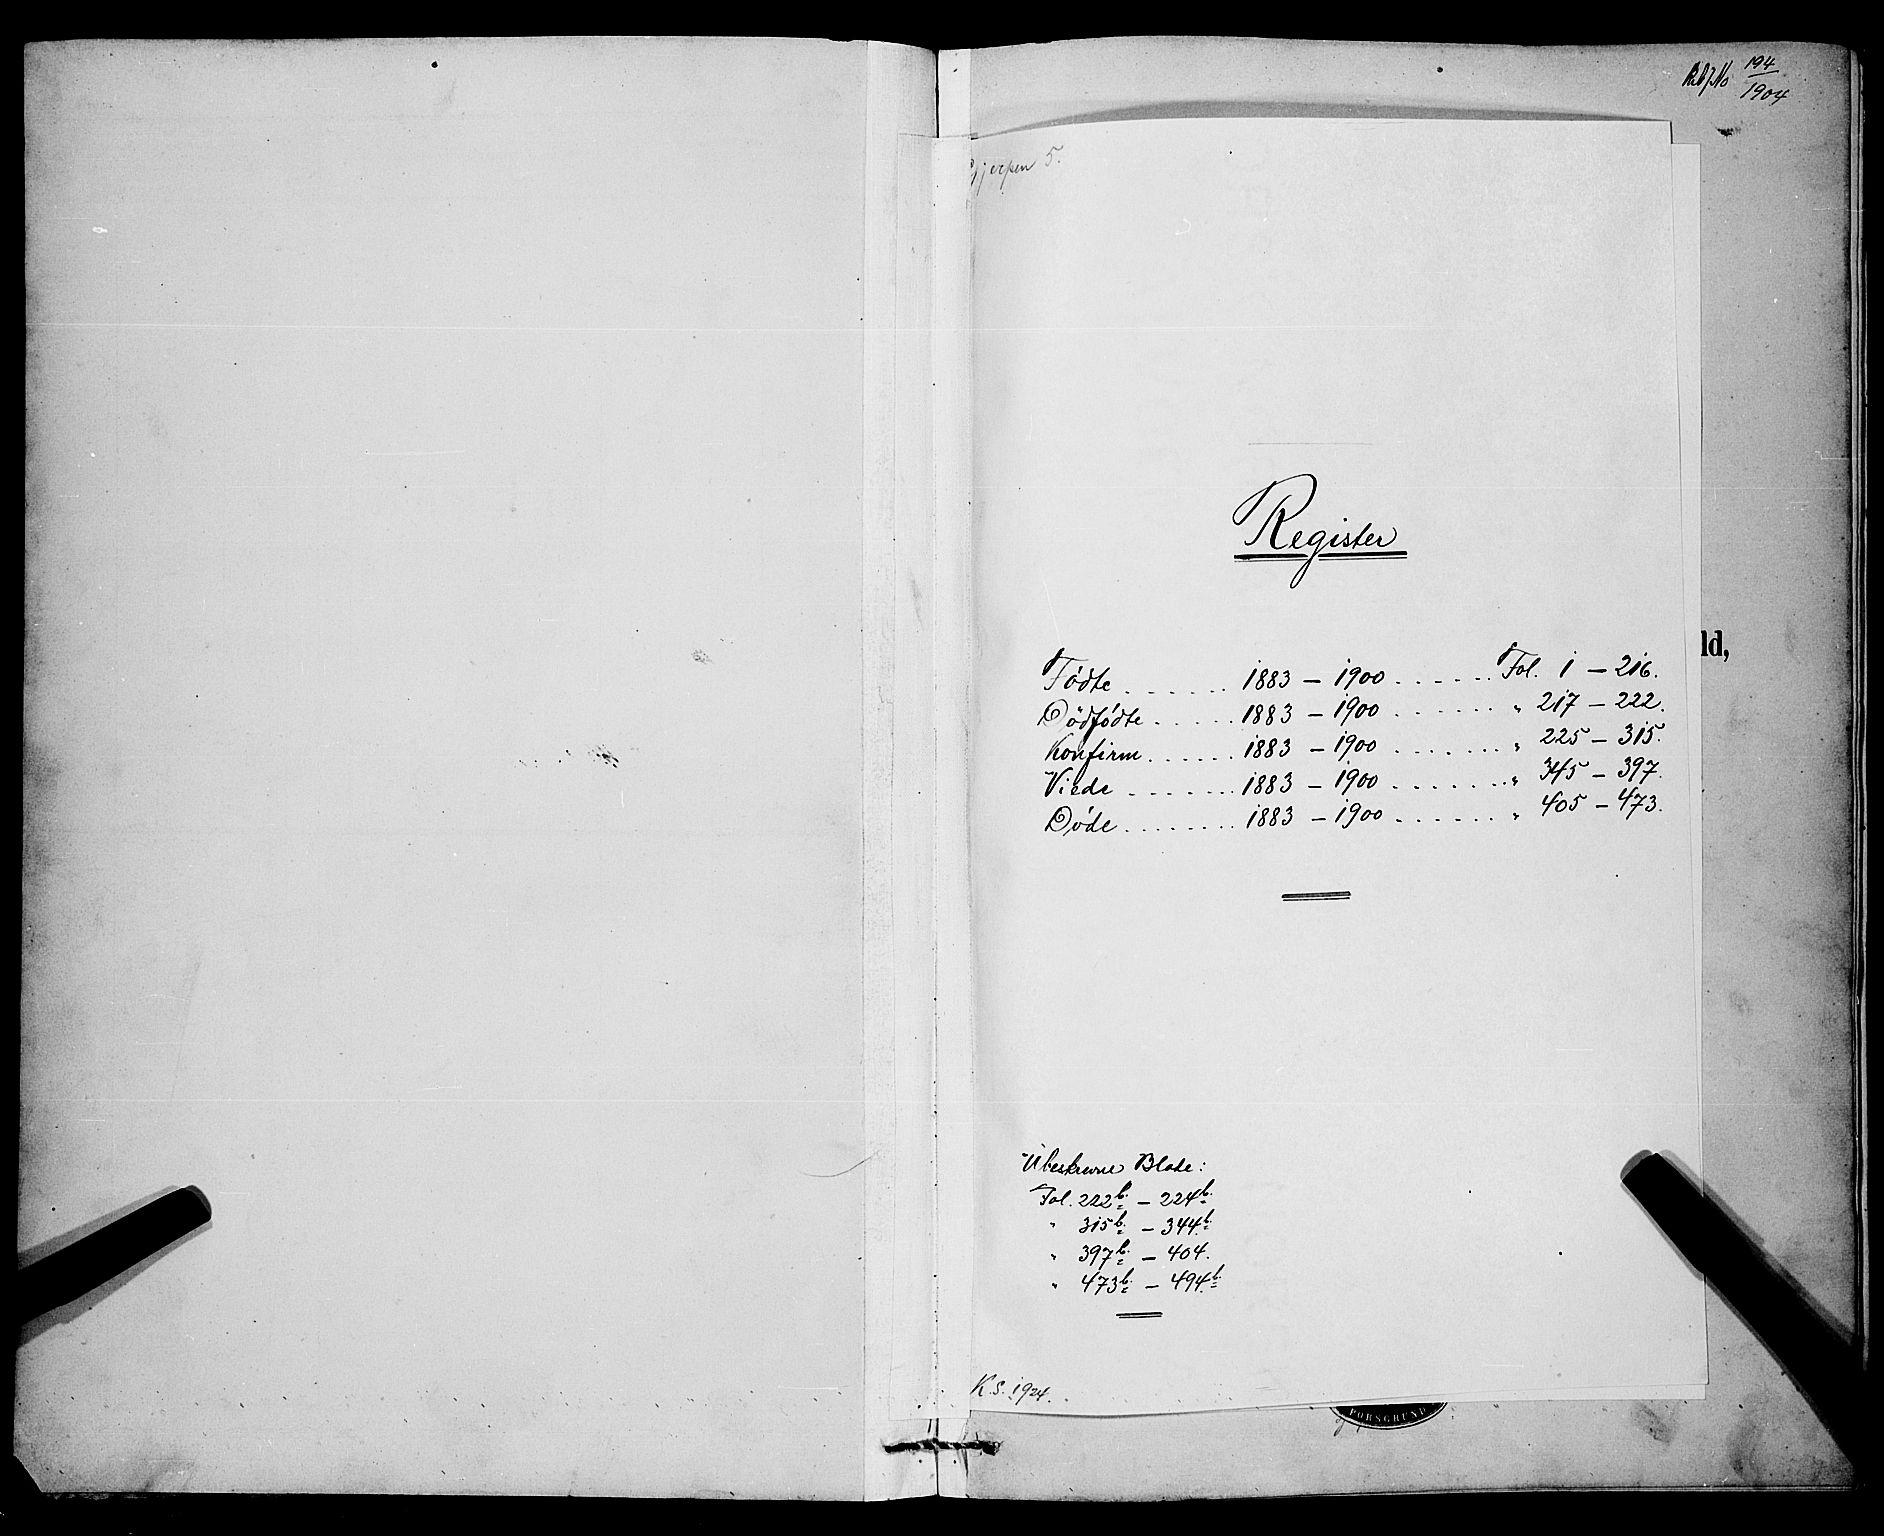 SAKO, Gjerpen kirkebøker, G/Ga/L0002: Klokkerbok nr. I 2, 1883-1900